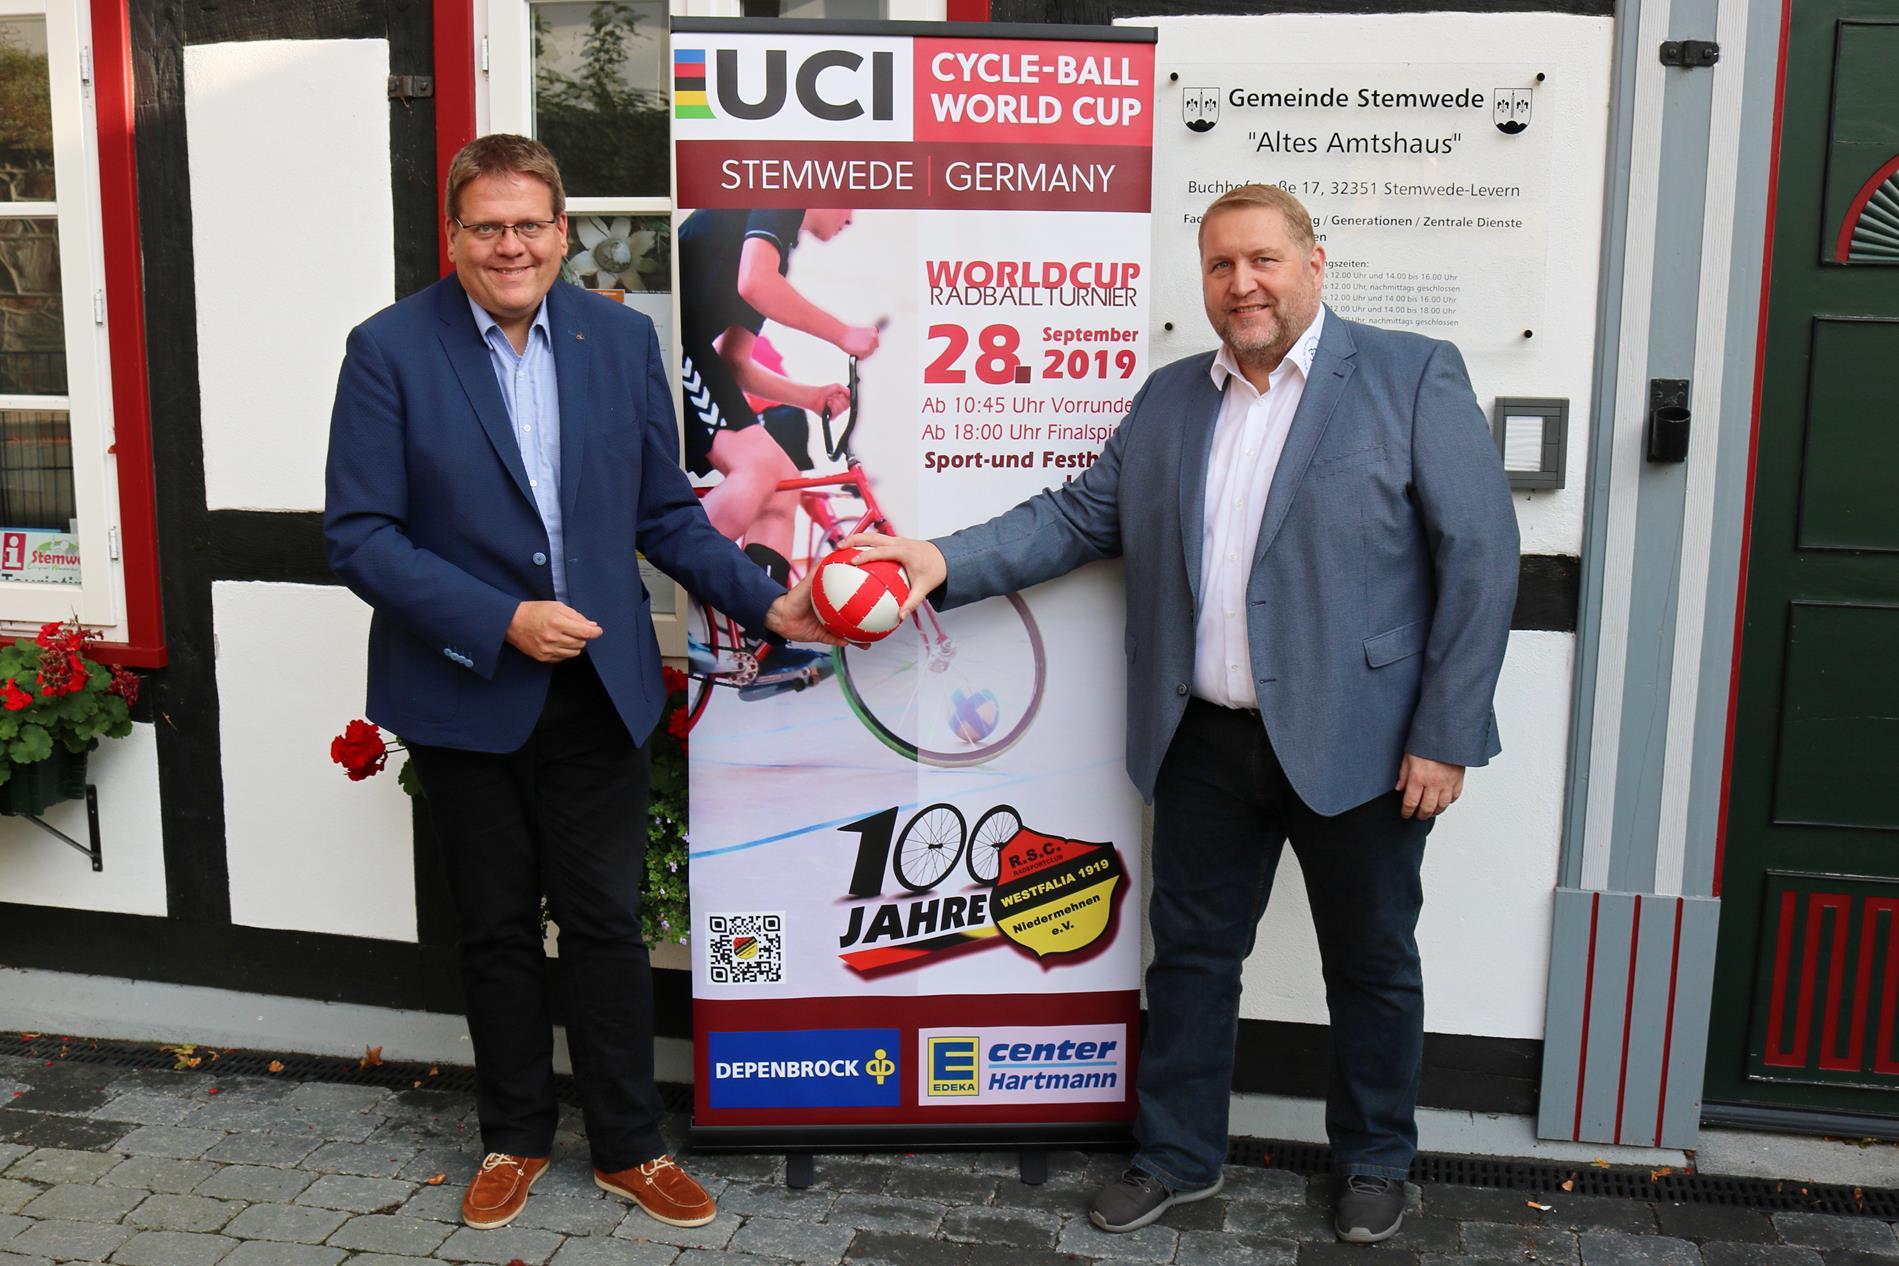 Der RSC Vorsitzende Thorsten Möller (re) dankte Bürgermeister Kai Abruszat für die gewähr-te Unterstützung durch die Gemeinde Stemwede.